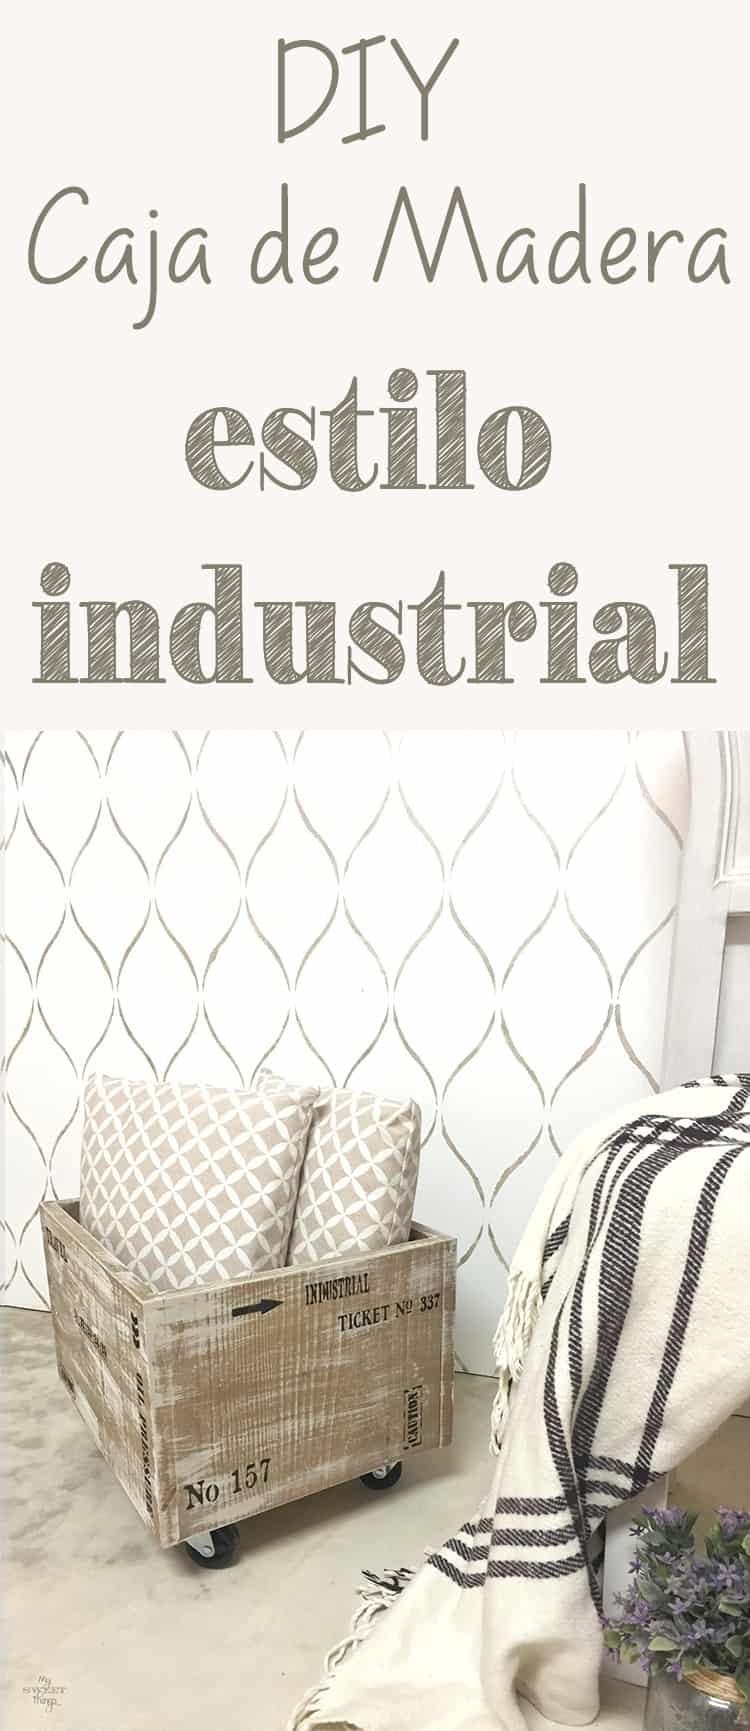 Como hacer una caja de madera estilo industrial por poco dinero · Via www.sweethings.net